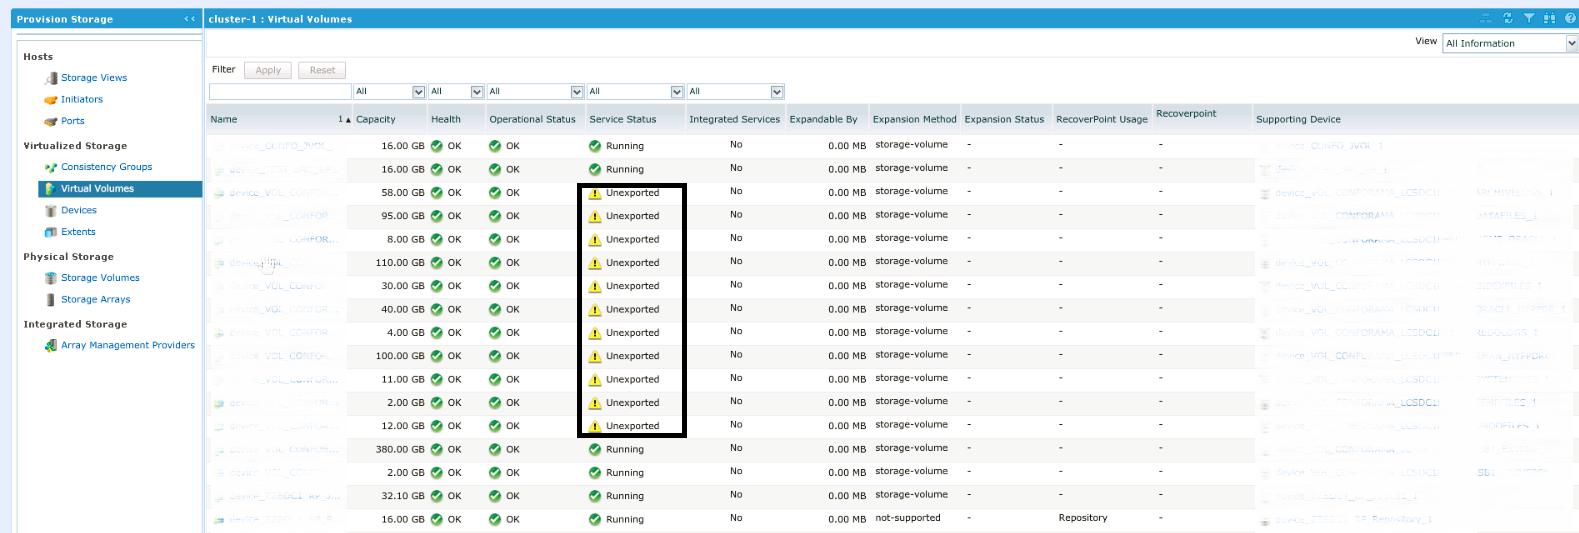 Миграция данных с различных типов Storage с использованием технологий EMC VPLEX и EMC RecoverPoint - 8